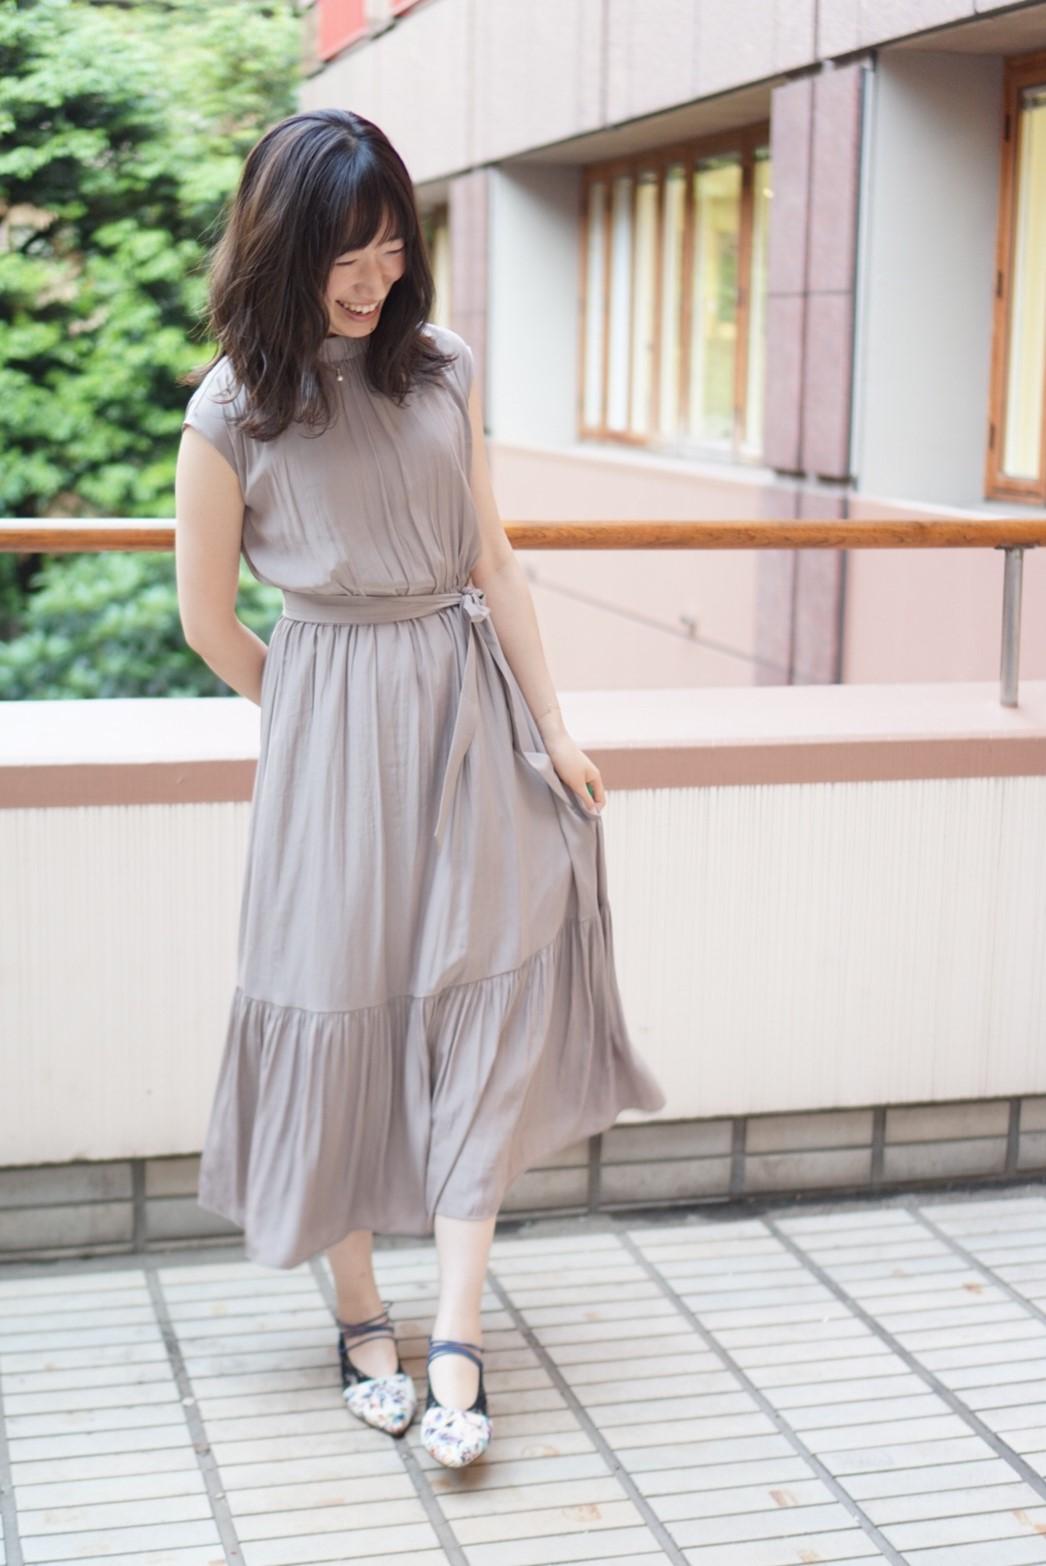 アラサーOLの大人可愛い夏服3コーデ♡横浜ジョイナスでsnidel, cocodeal ,STRAWBERRY-FIELDS, FRAY I.Dをはしごショッピング♪_2